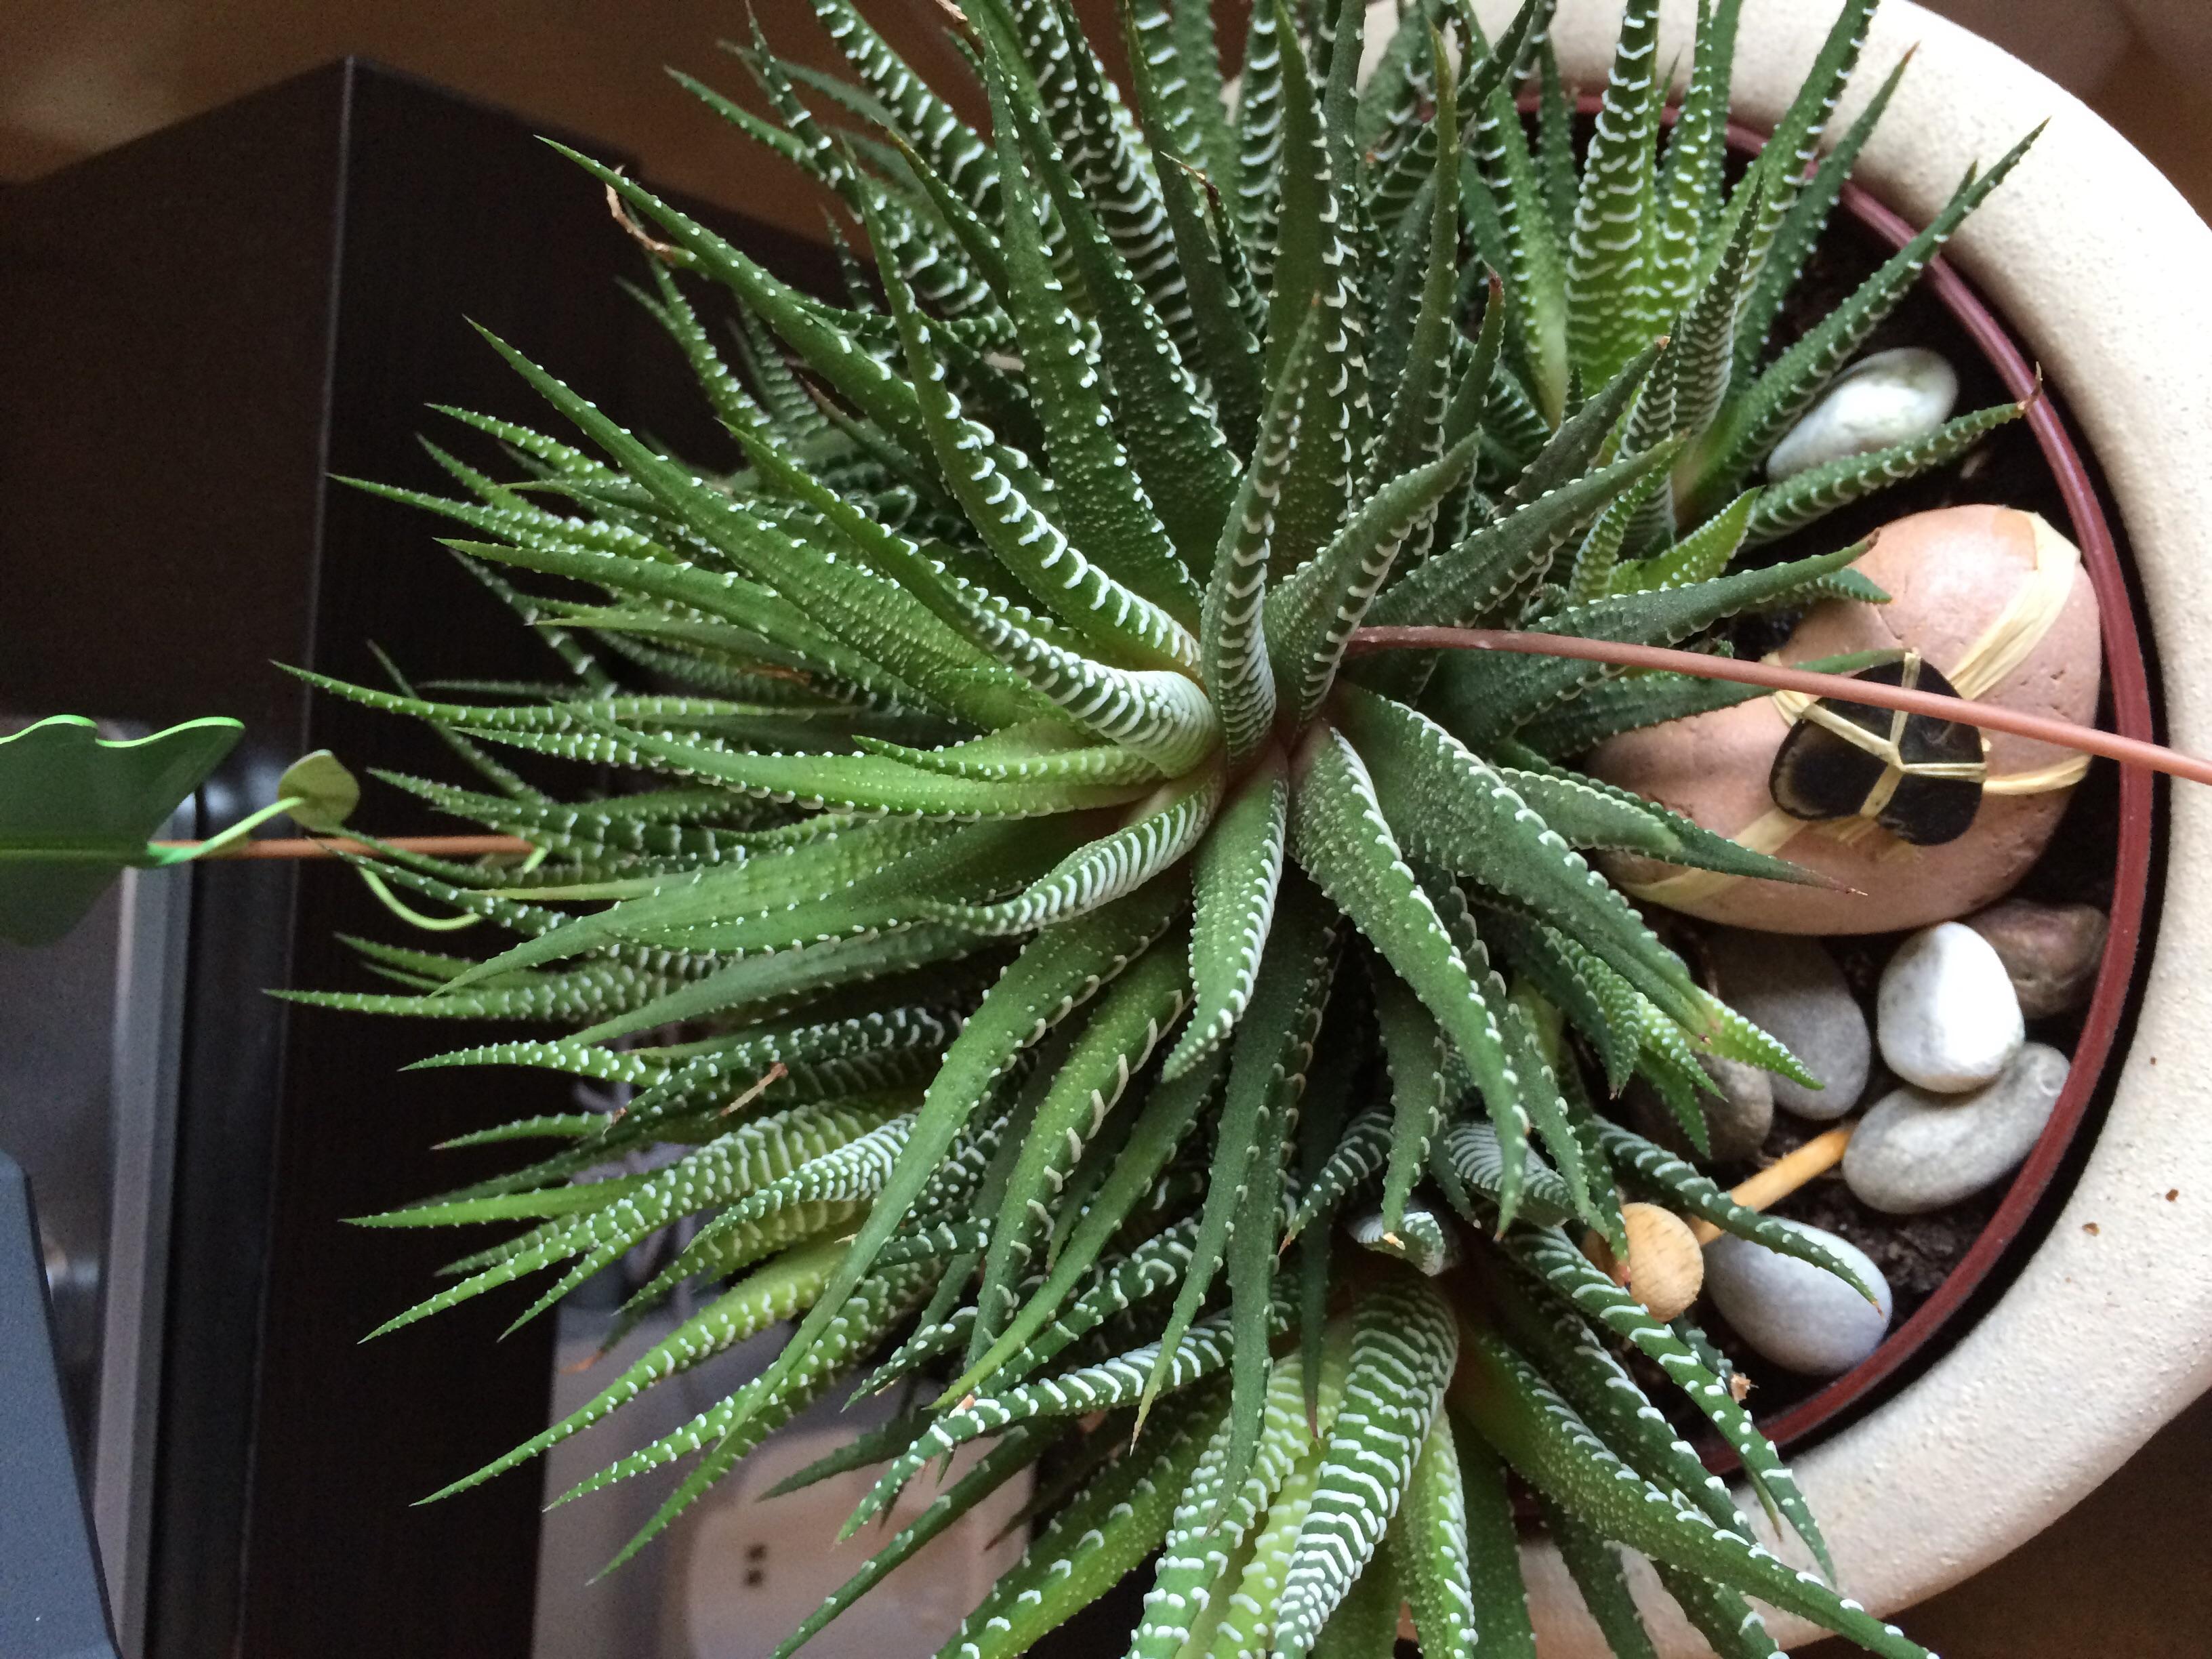 Wie Ist Der Name Dieser Pflanze (siehe Foto)? (Pflanzen